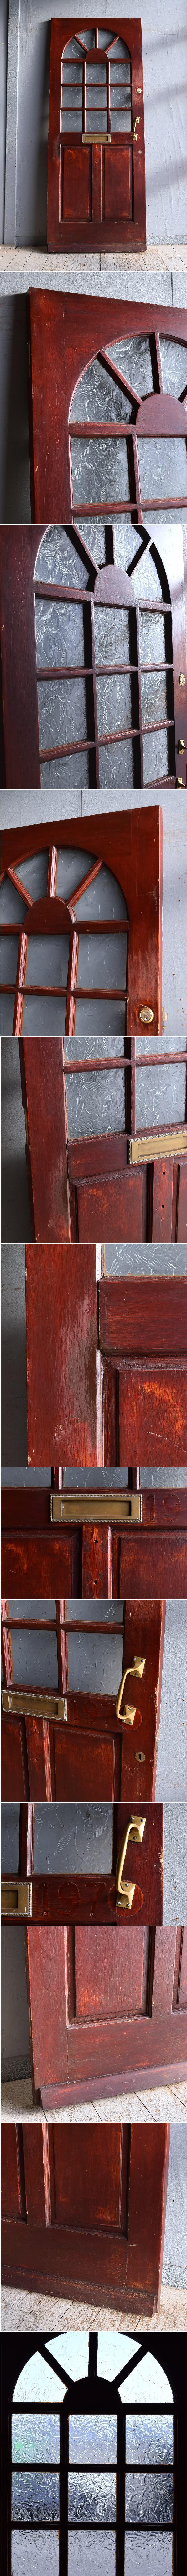 イギリス アンティーク ドア 扉 建具 9355